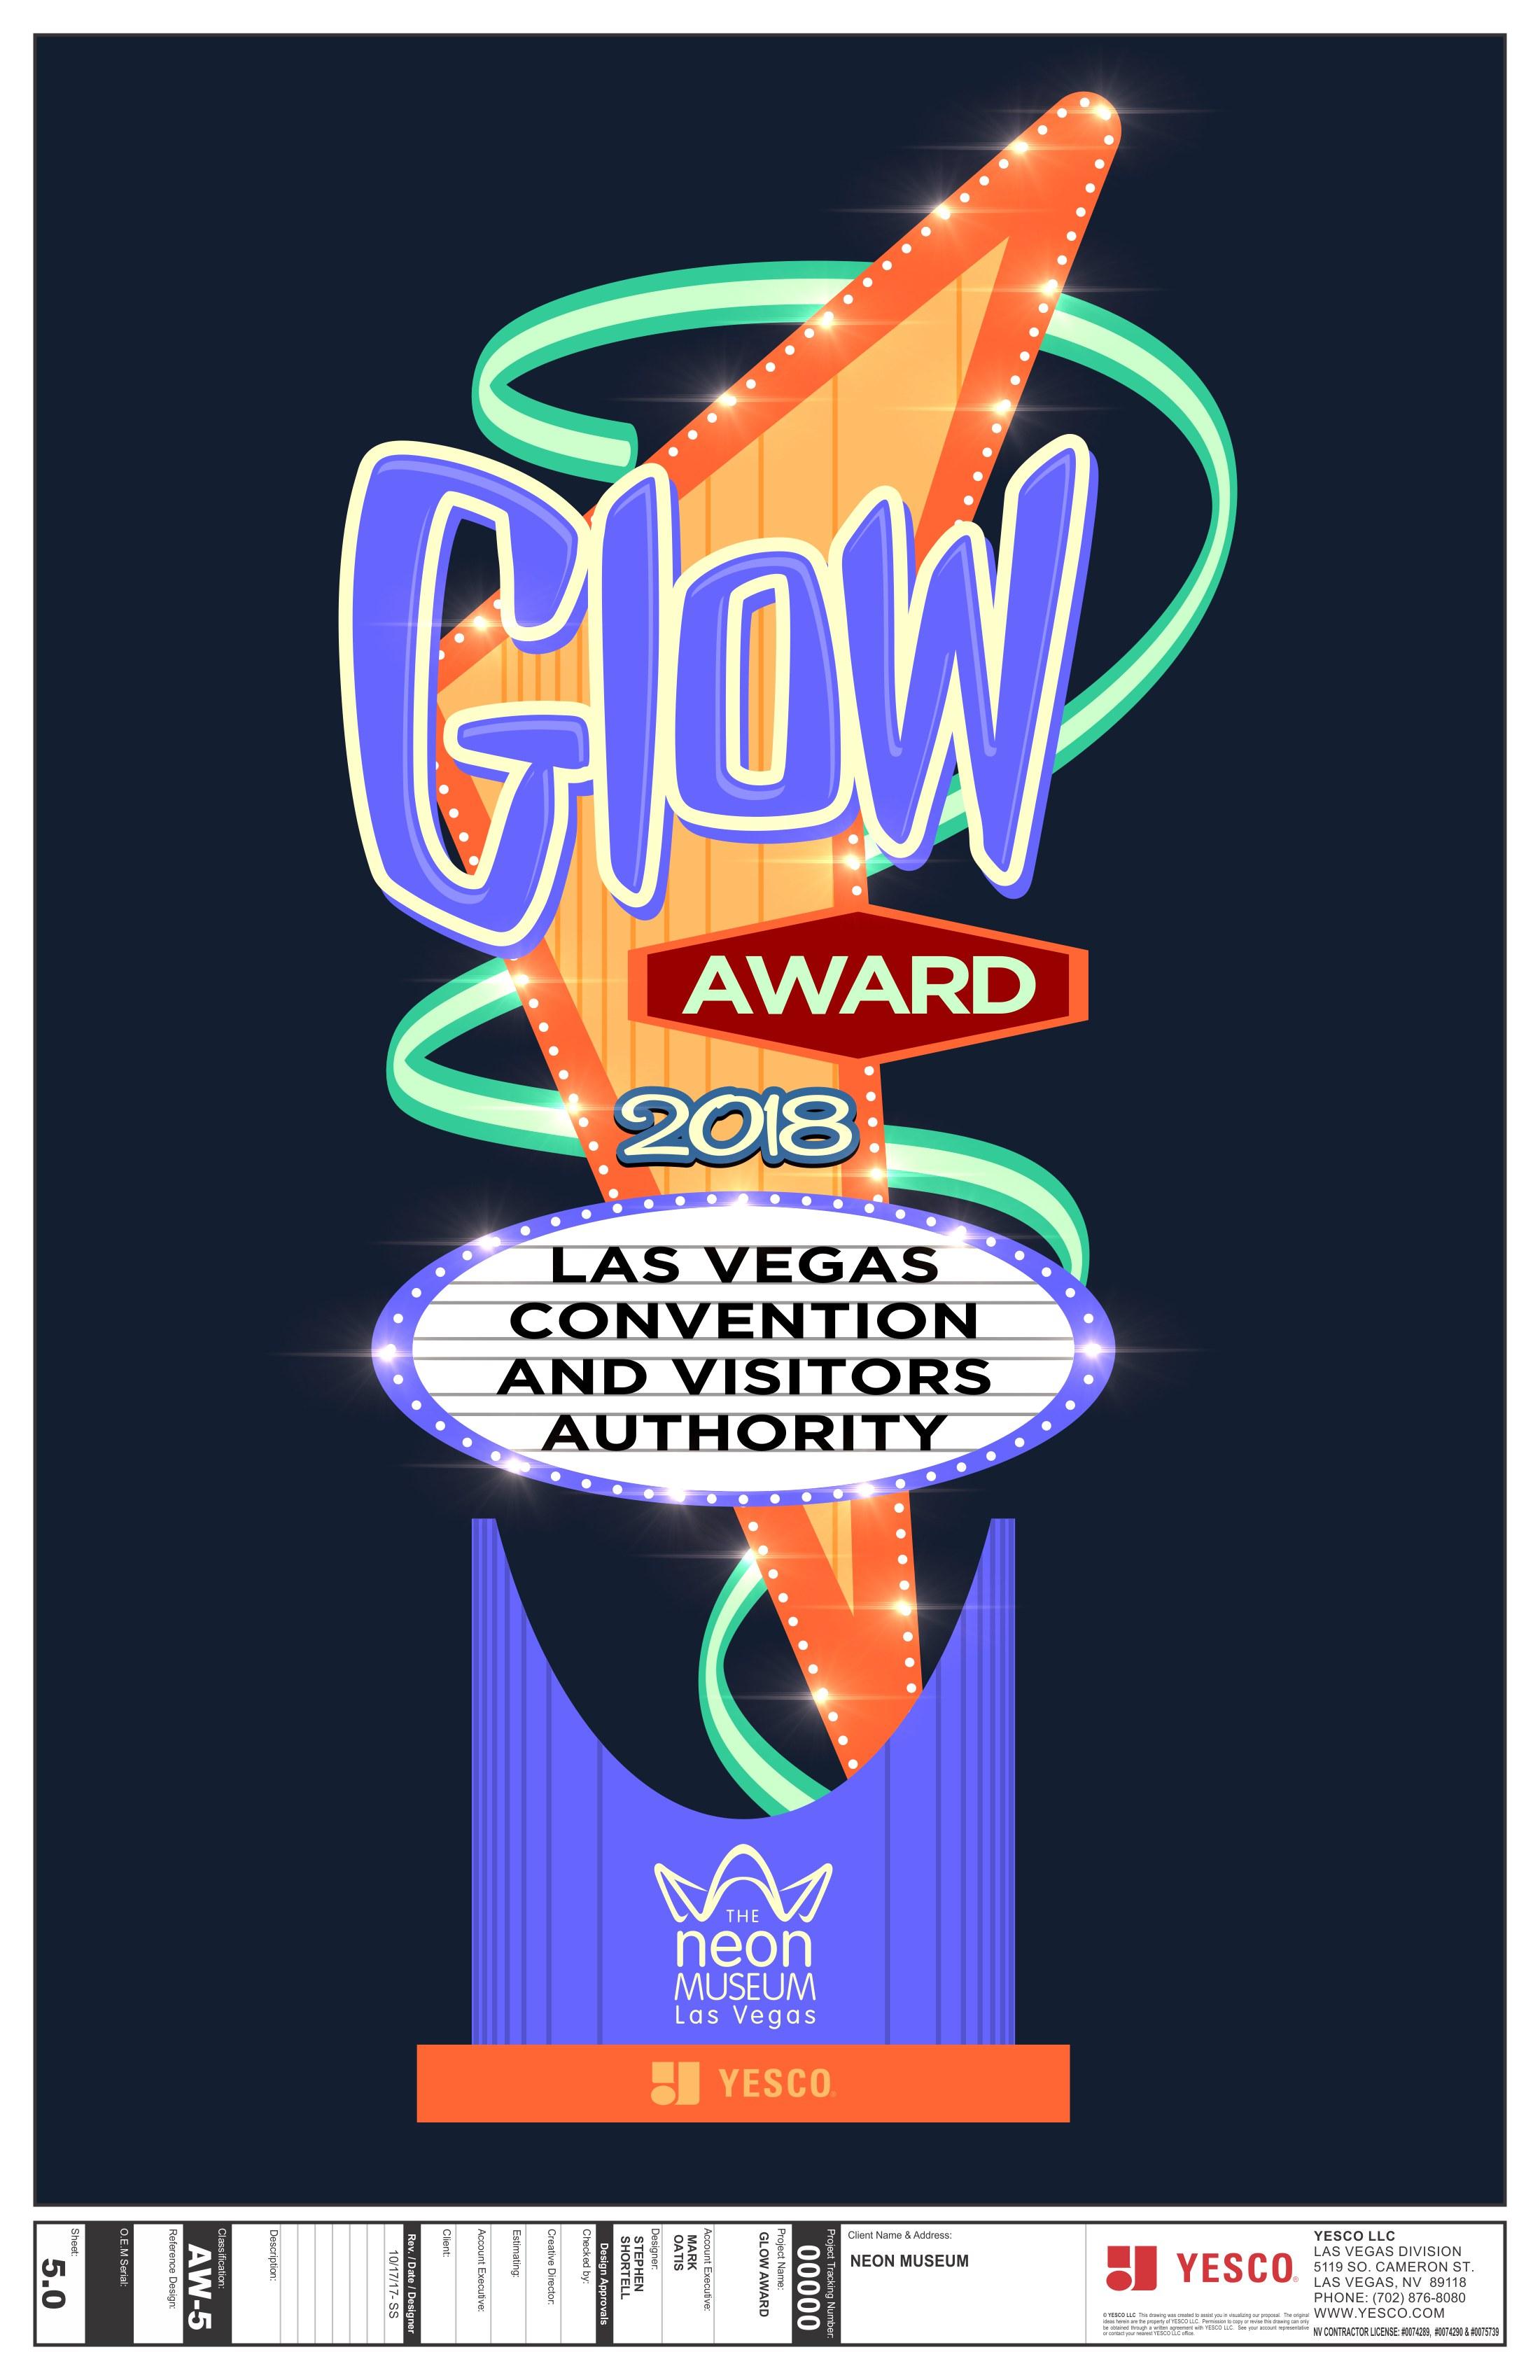 2018 GLOW Awards